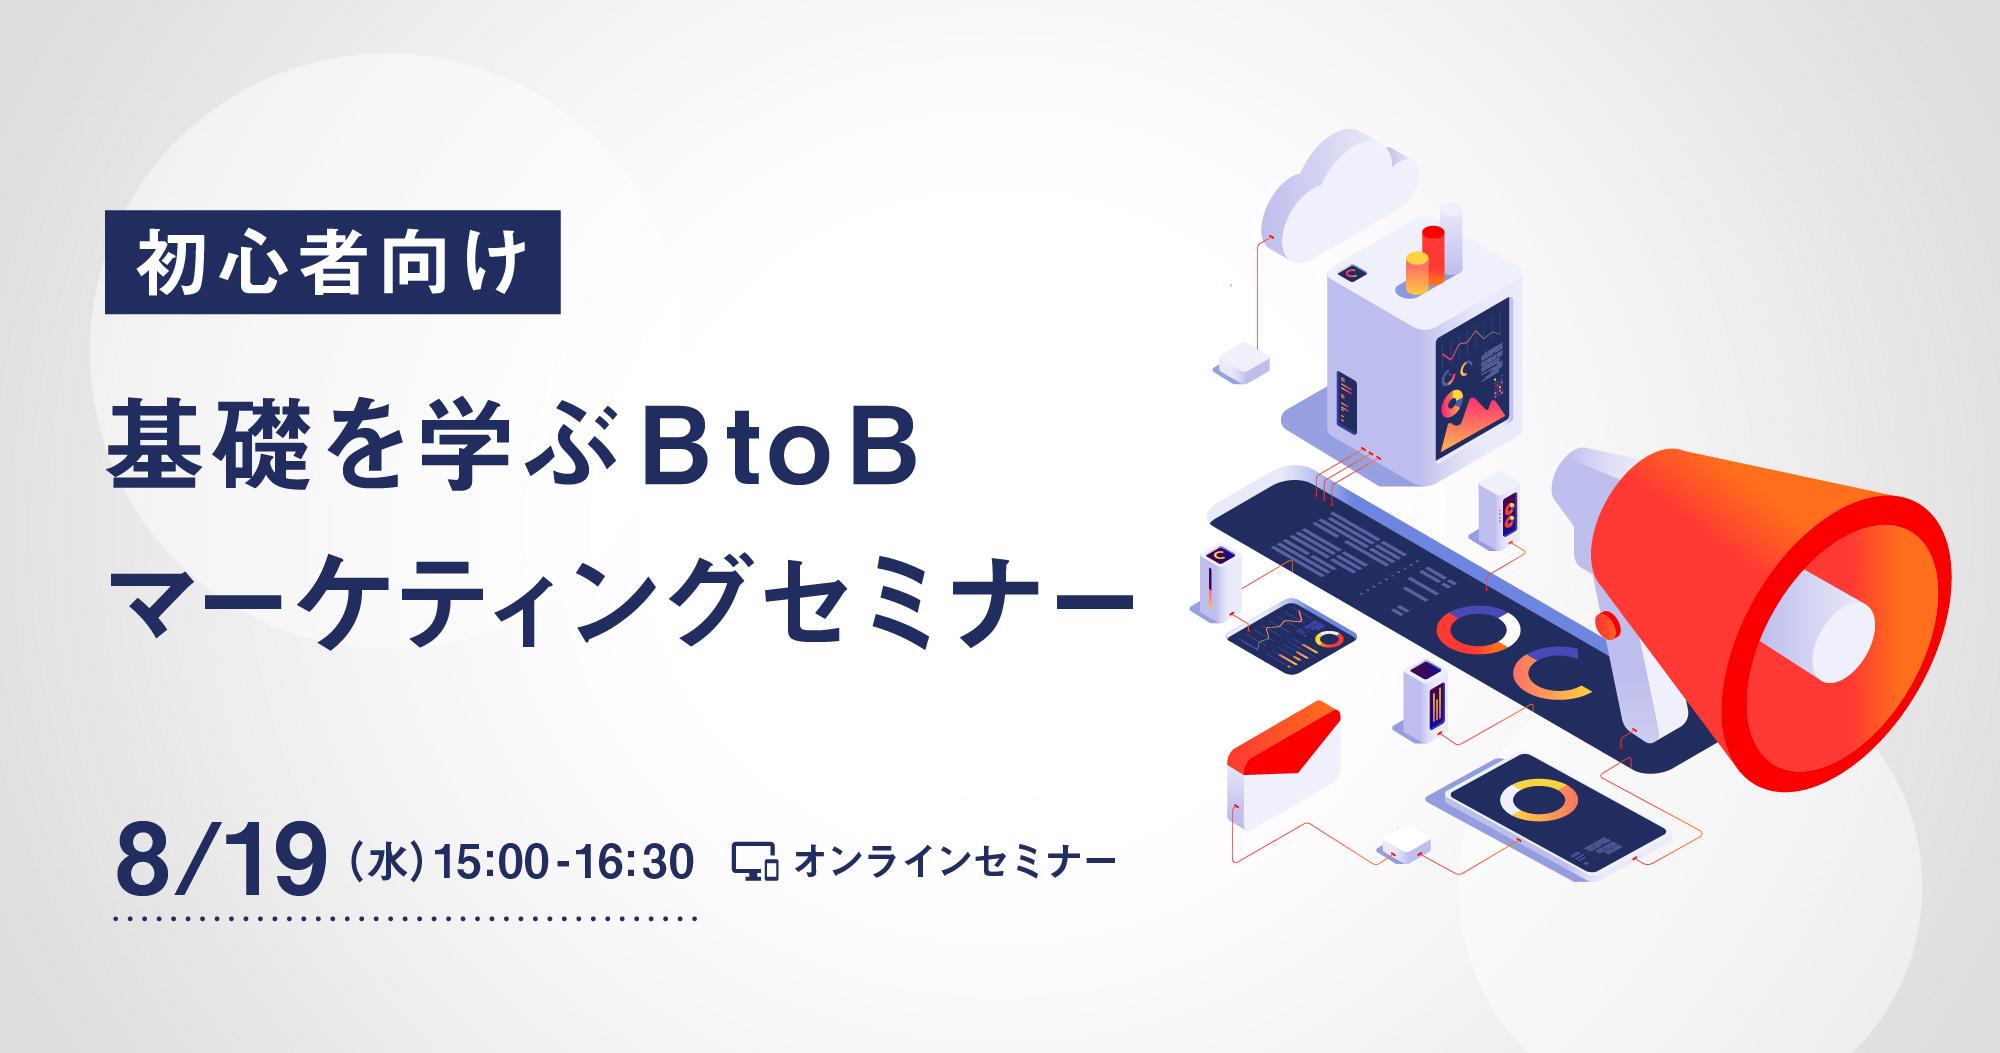 【8月19日(水)】[初心者向け]基礎を学ぶBtoBマーケティングセミナー